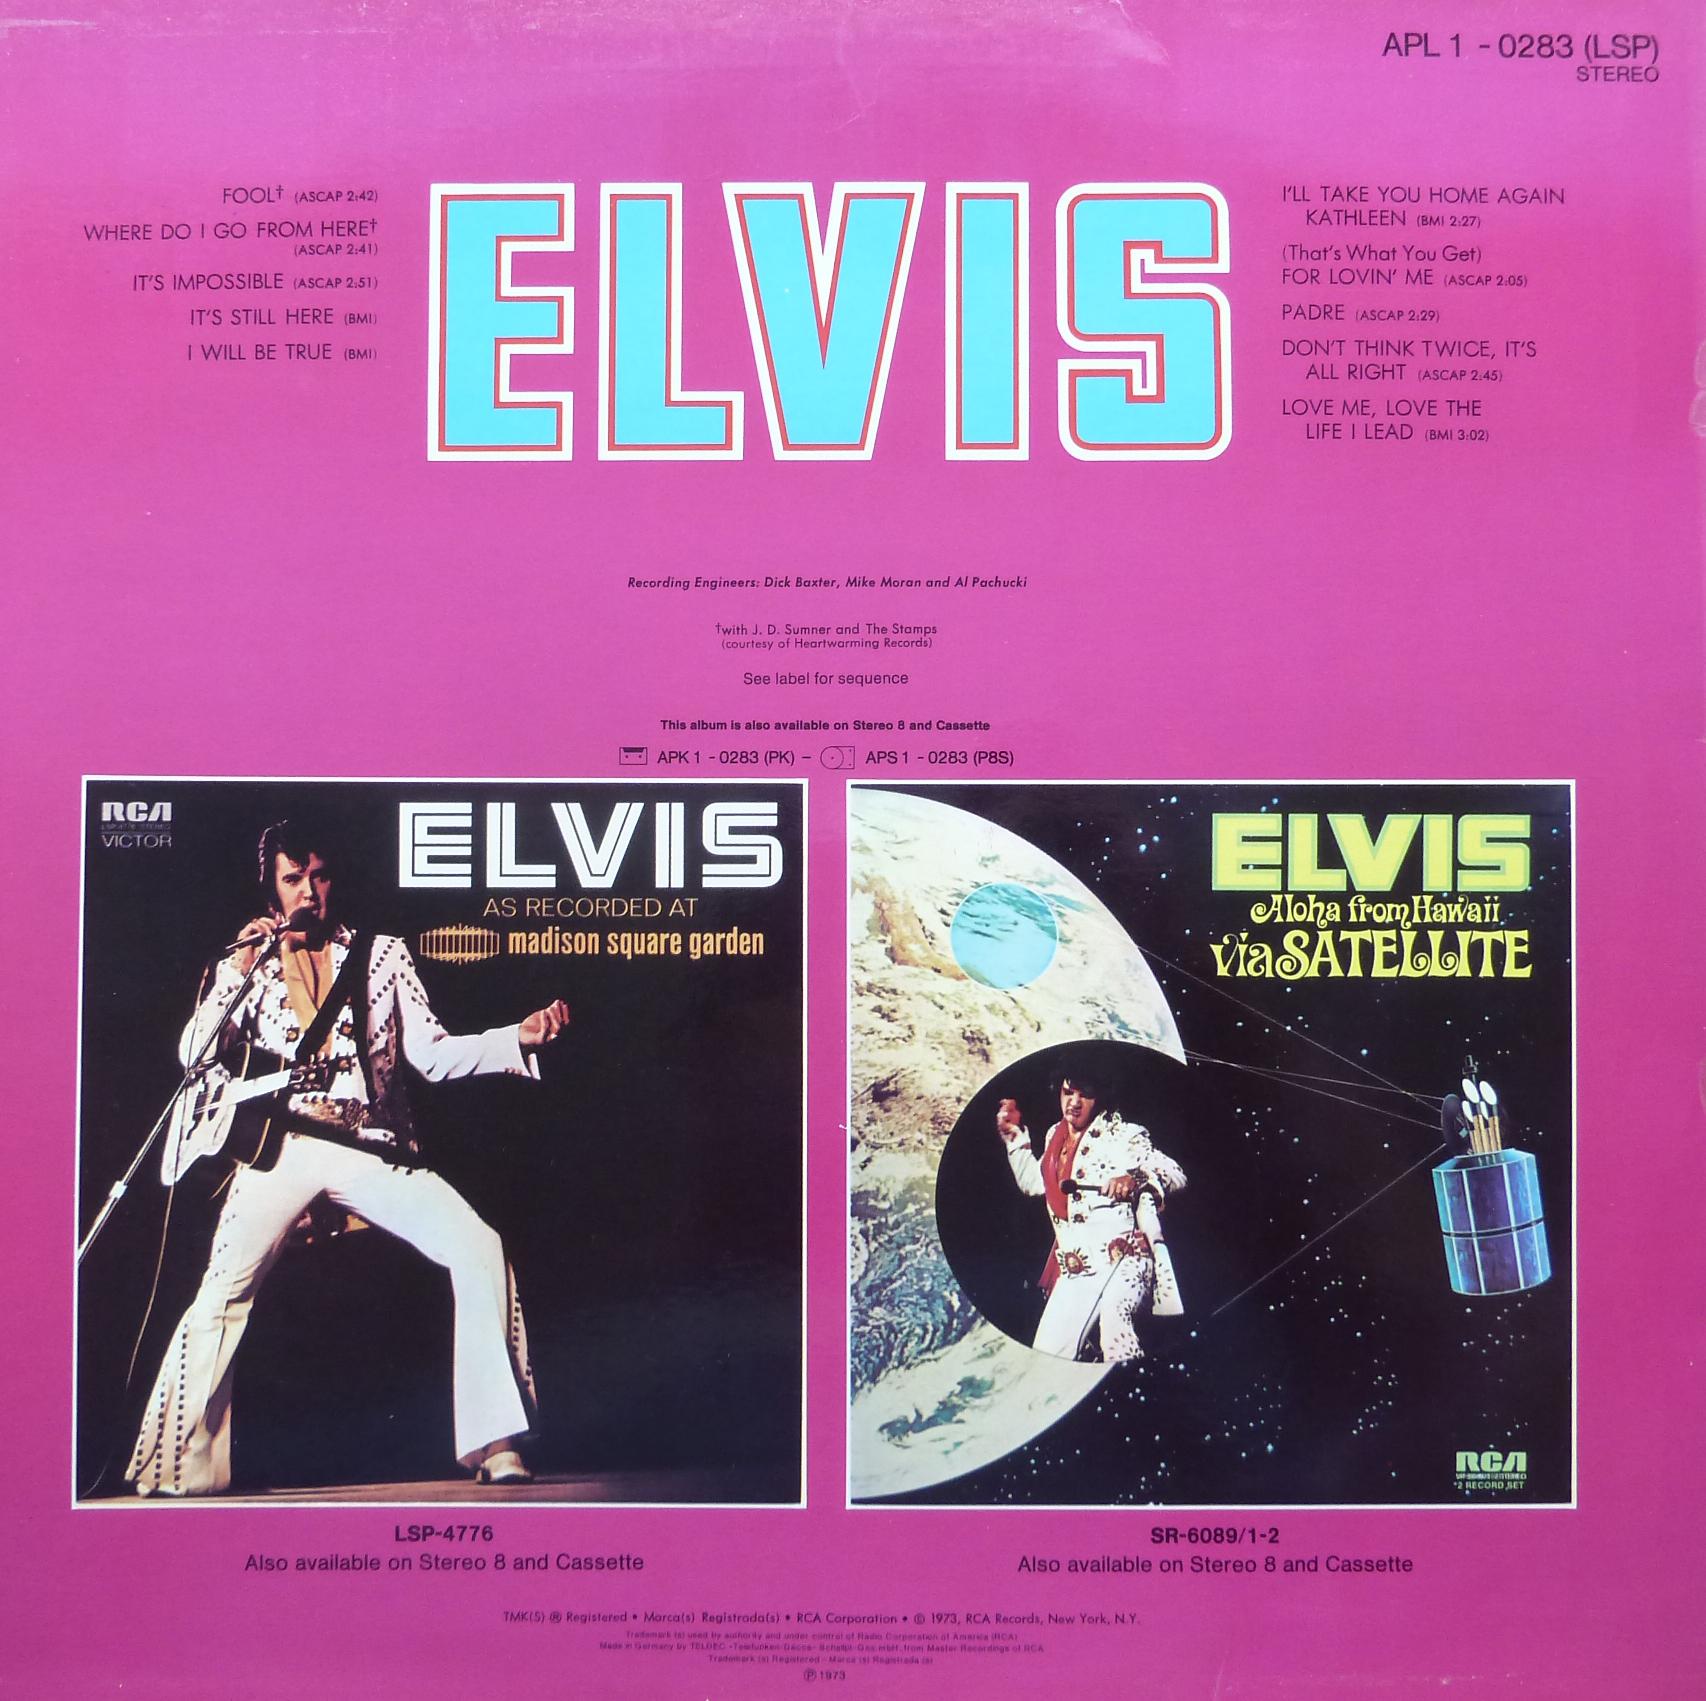 ELVIS (FOOL) Elvisfool73promorckseojo0r